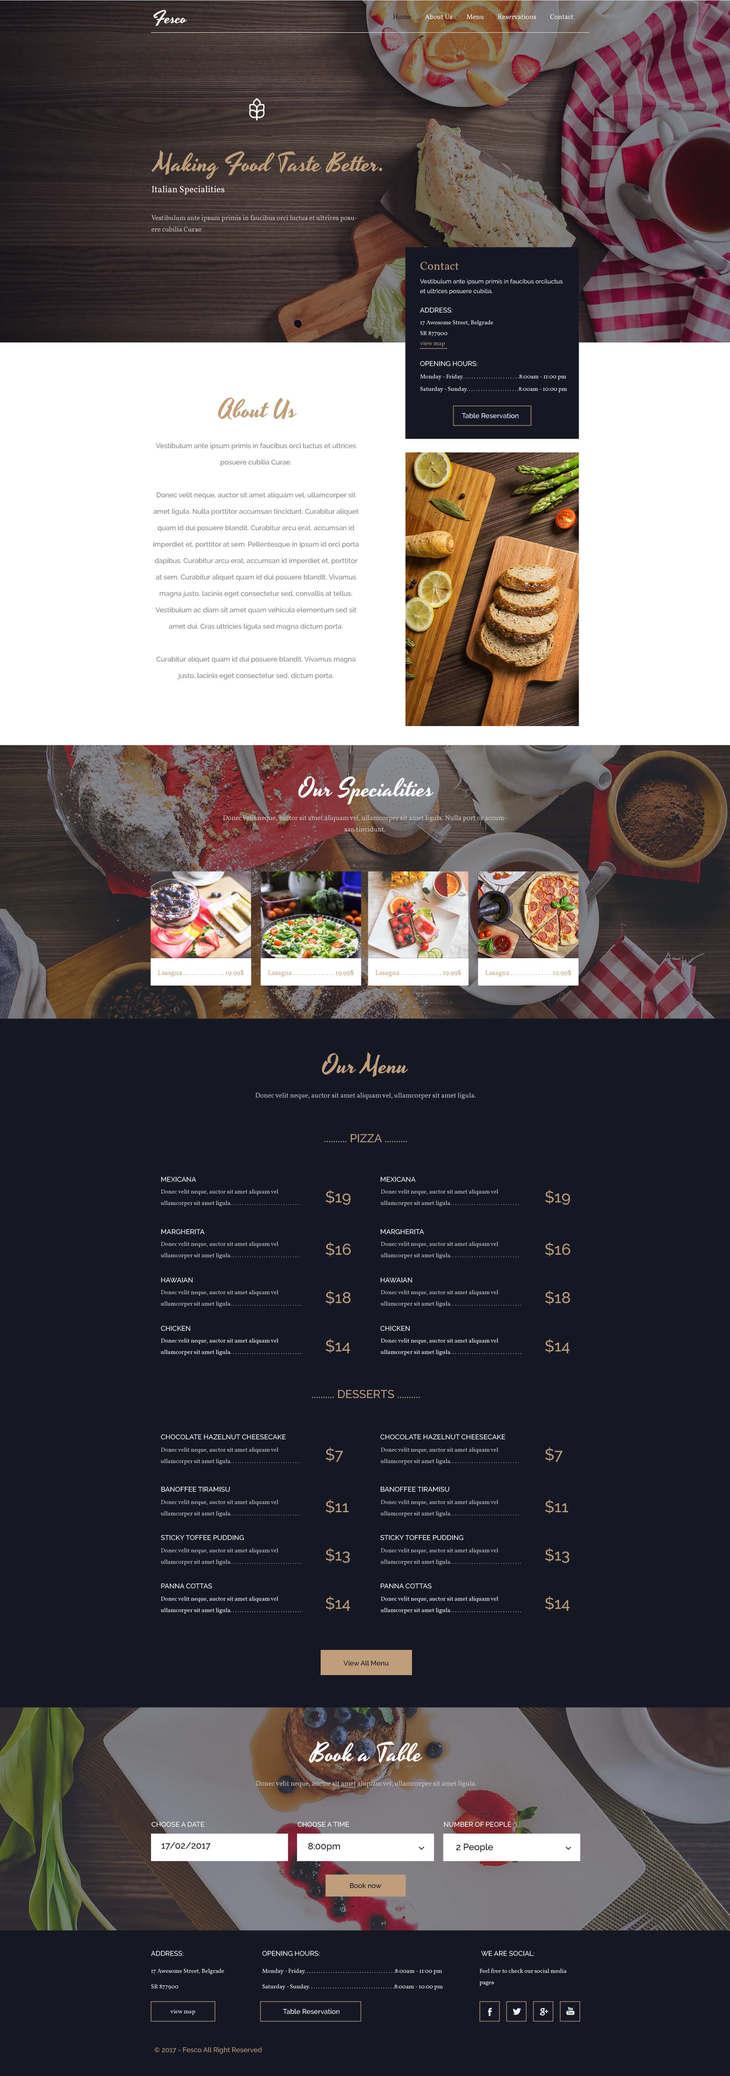 Fesco - Restaurant PSD Template | Free PSD